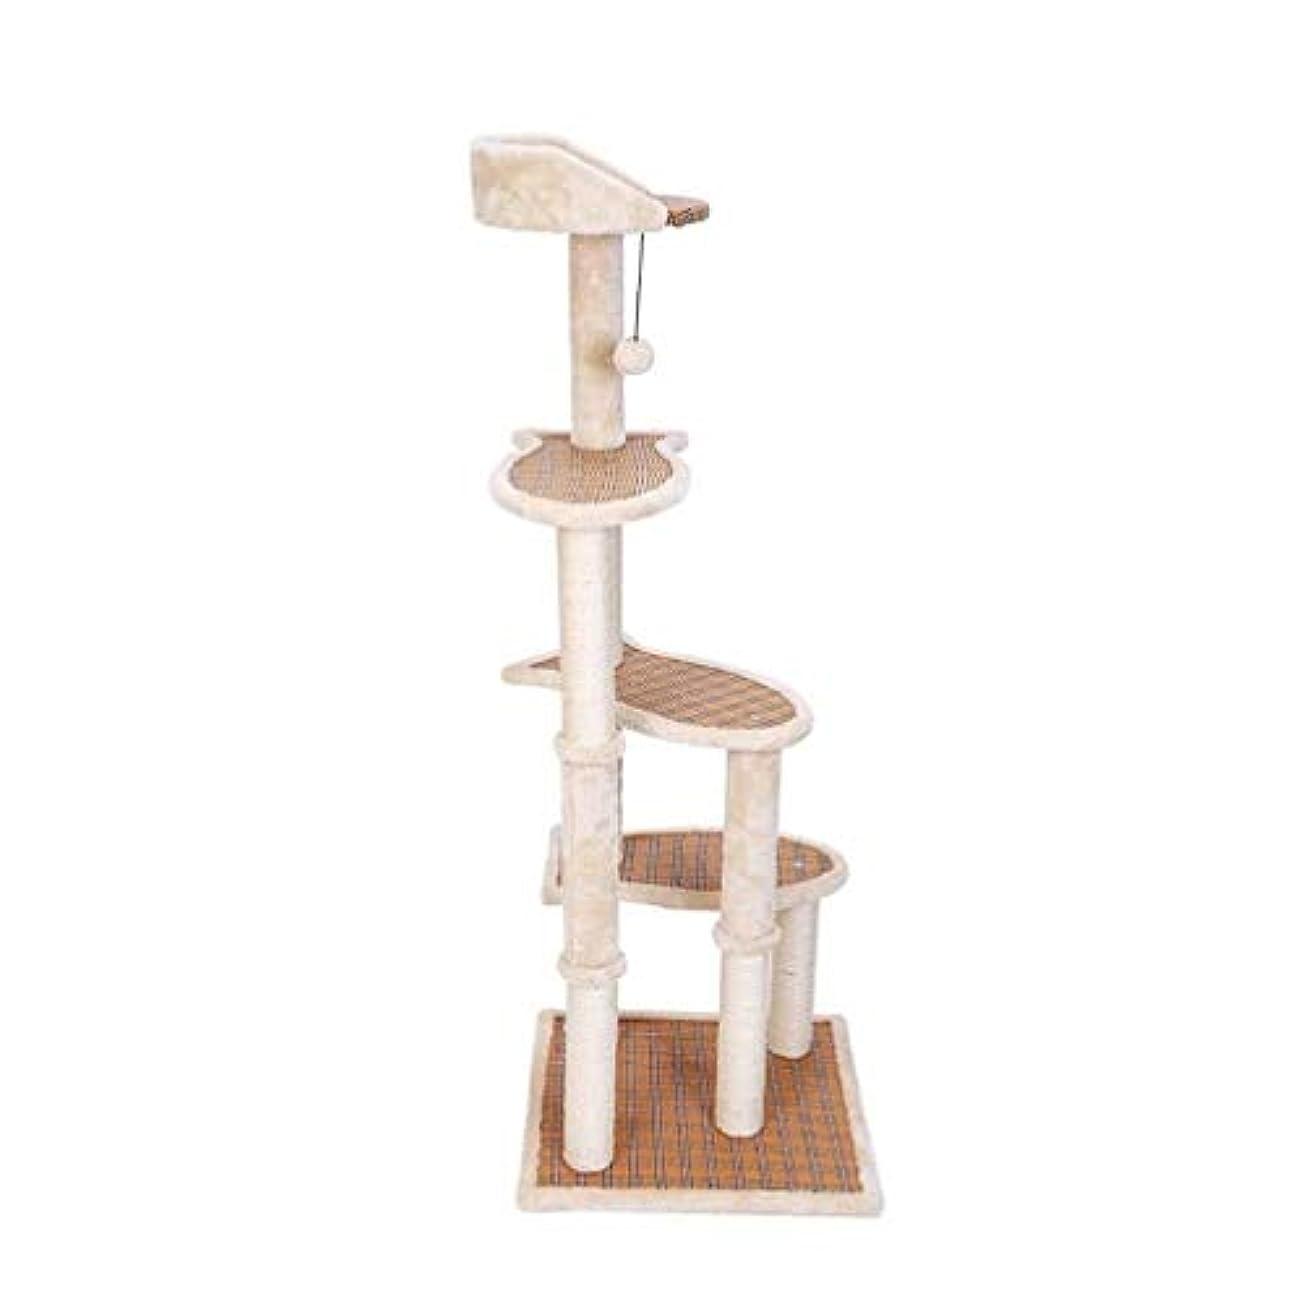 兵隊友情カバレッジ魚の形のプラットフォームキャットツリータワーマット?アパートおもちゃのボールサイザル列安定した耐摩耗性の強い運搬能力猫クライミングフレームをハンギング